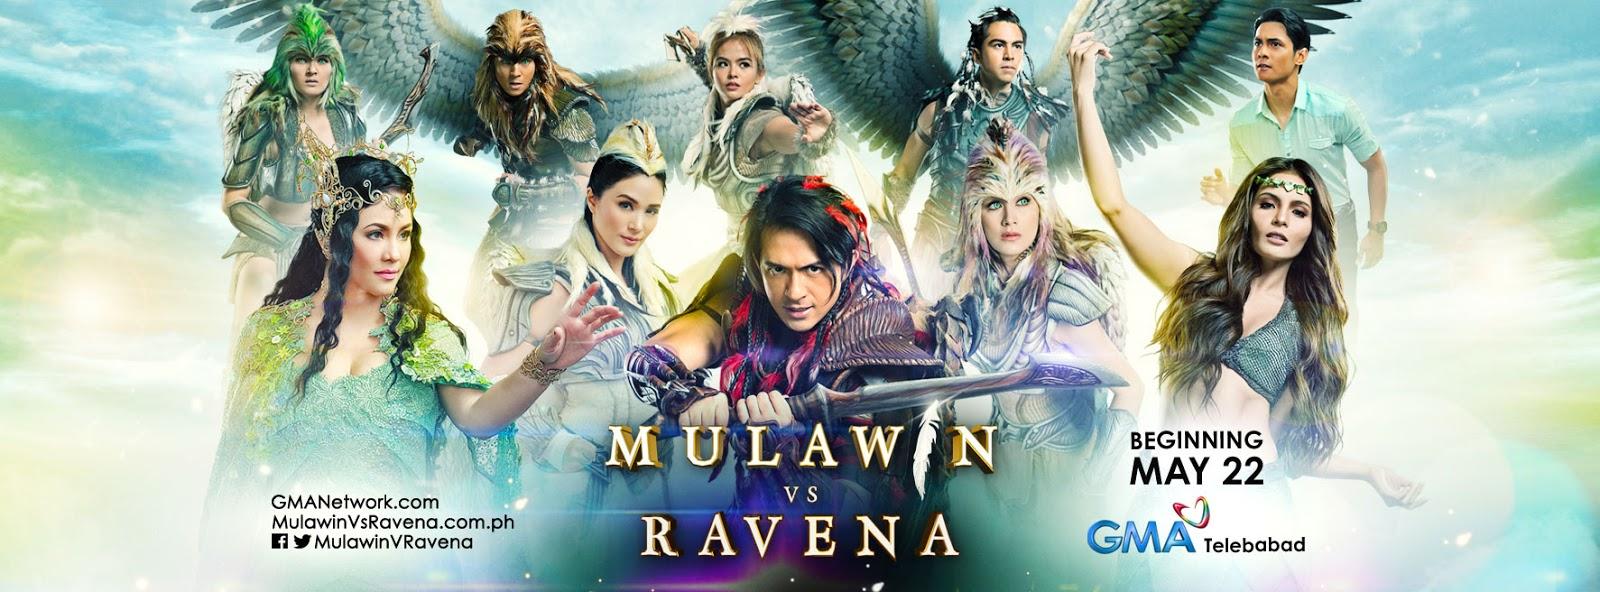 Mulawin versus Ravena August 31 2017